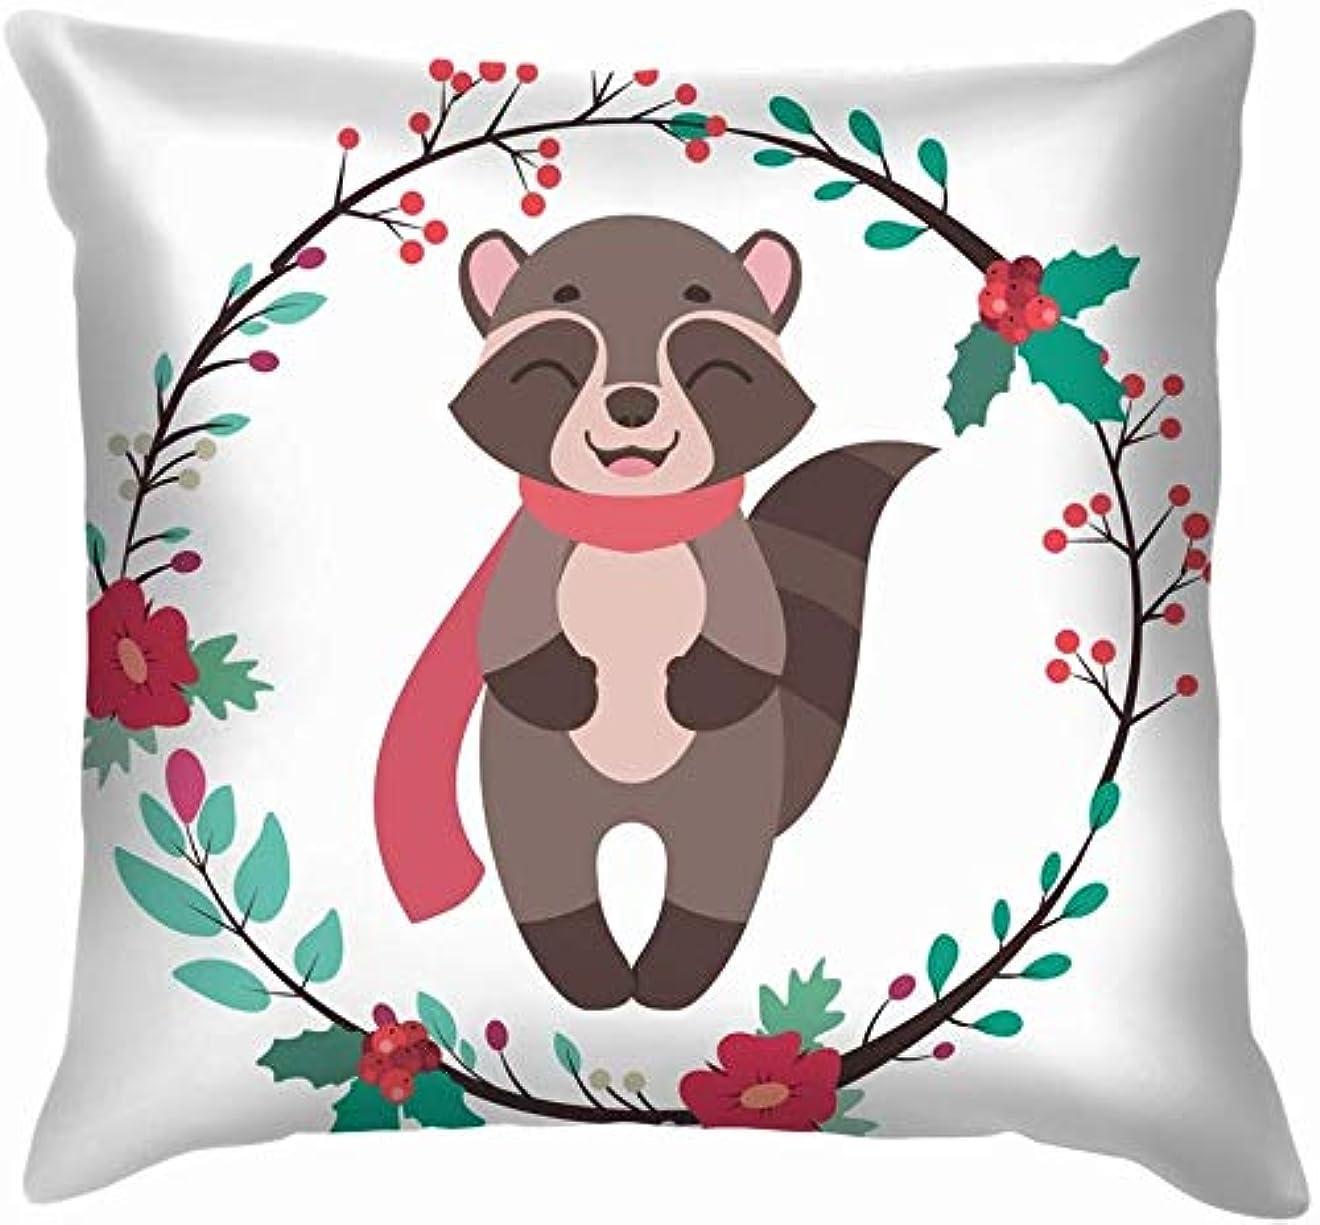 永遠のファイナンスミットジョリーアライグマ花フレーム動物野生動物動物の休日スロー枕カバーホームソファクッションカバー枕ギフト45x45 cm